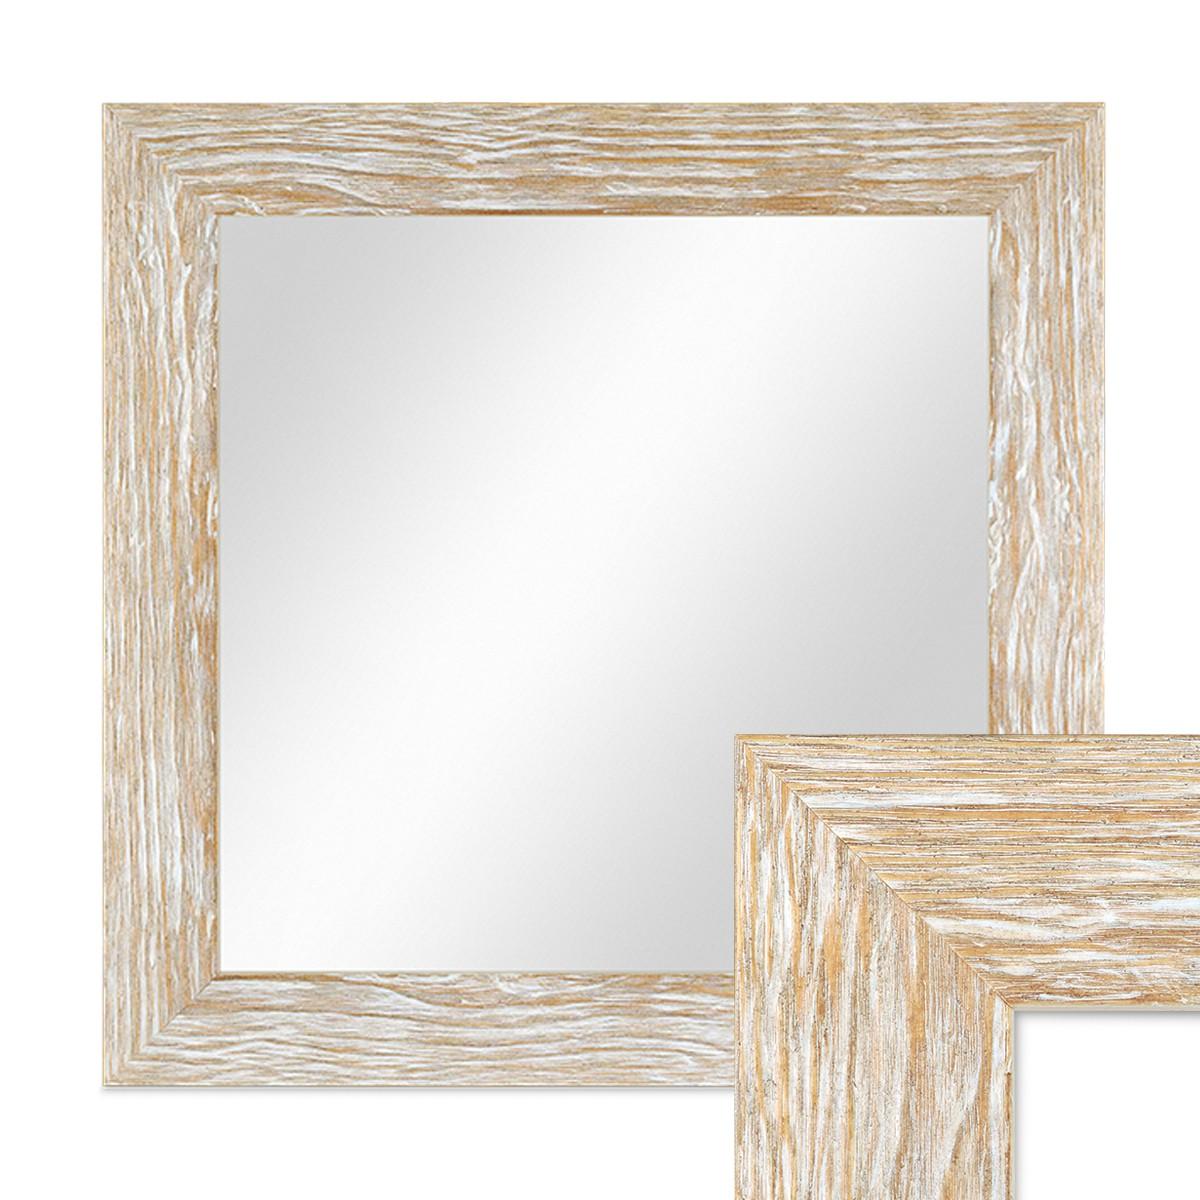 Wand spiegel 38x38 cm im holzrahmen sonoma eiche optik for Spiegel 30x30